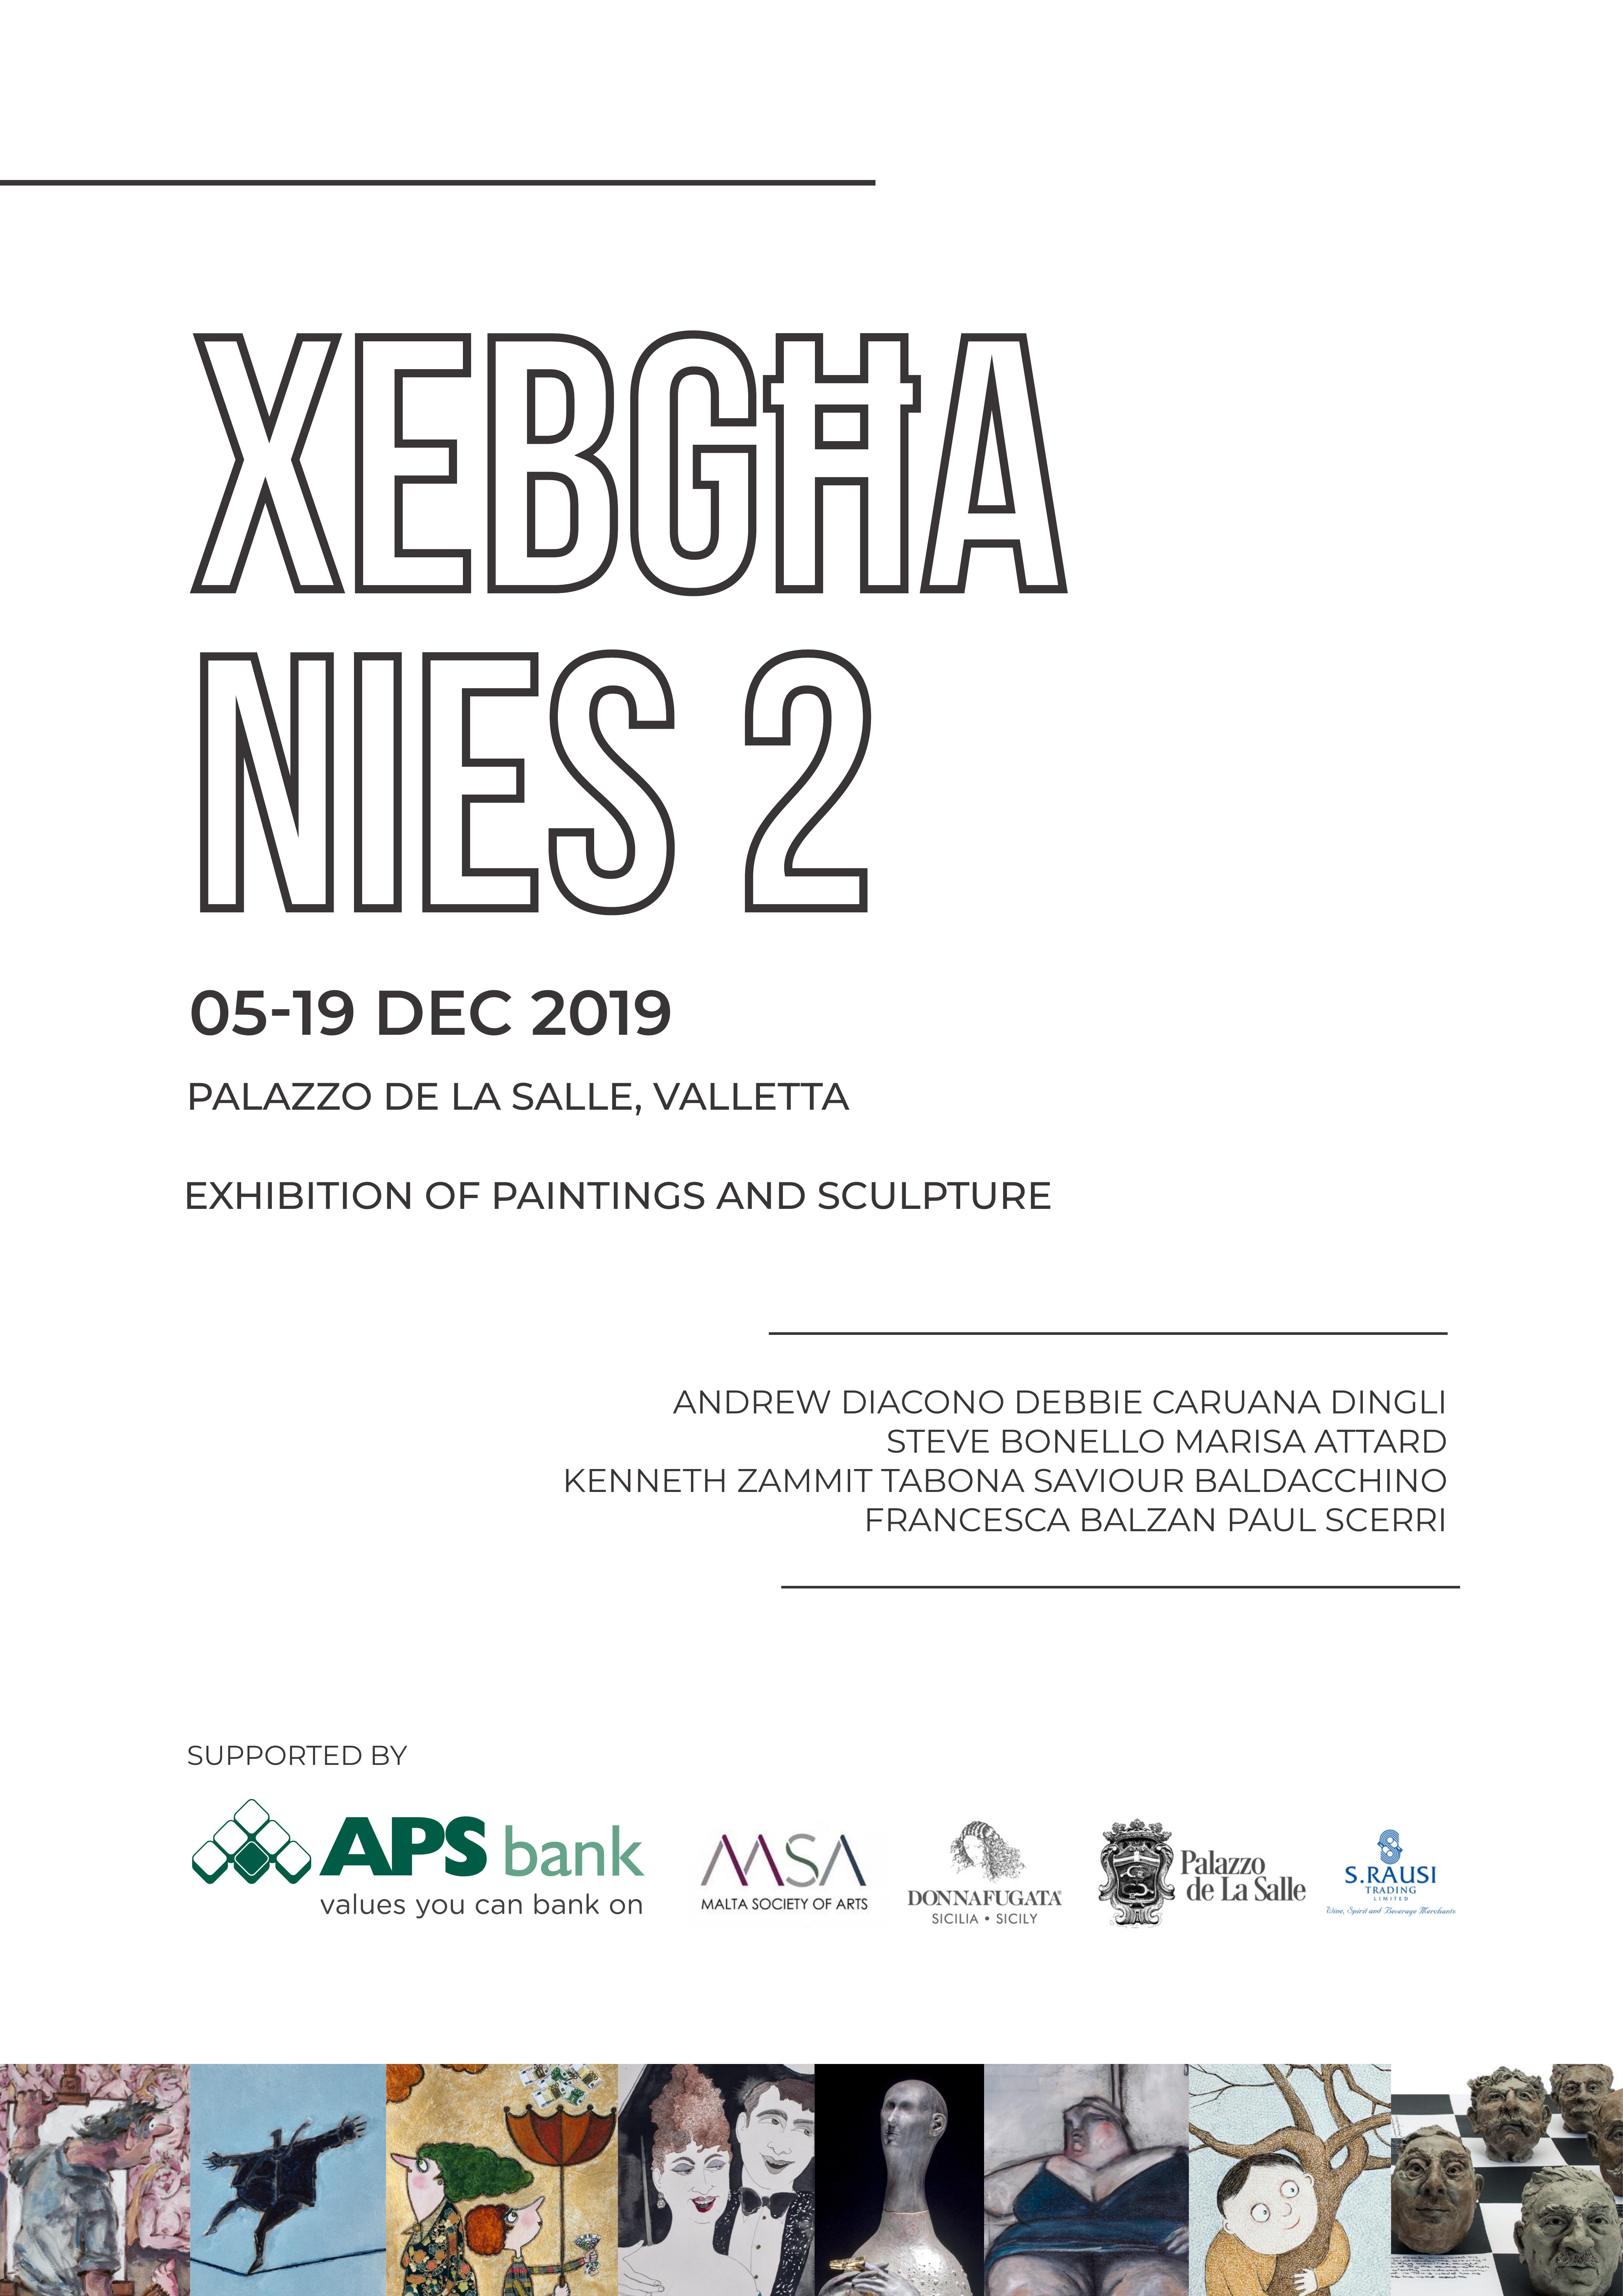 Xebgha Nies poster JPG